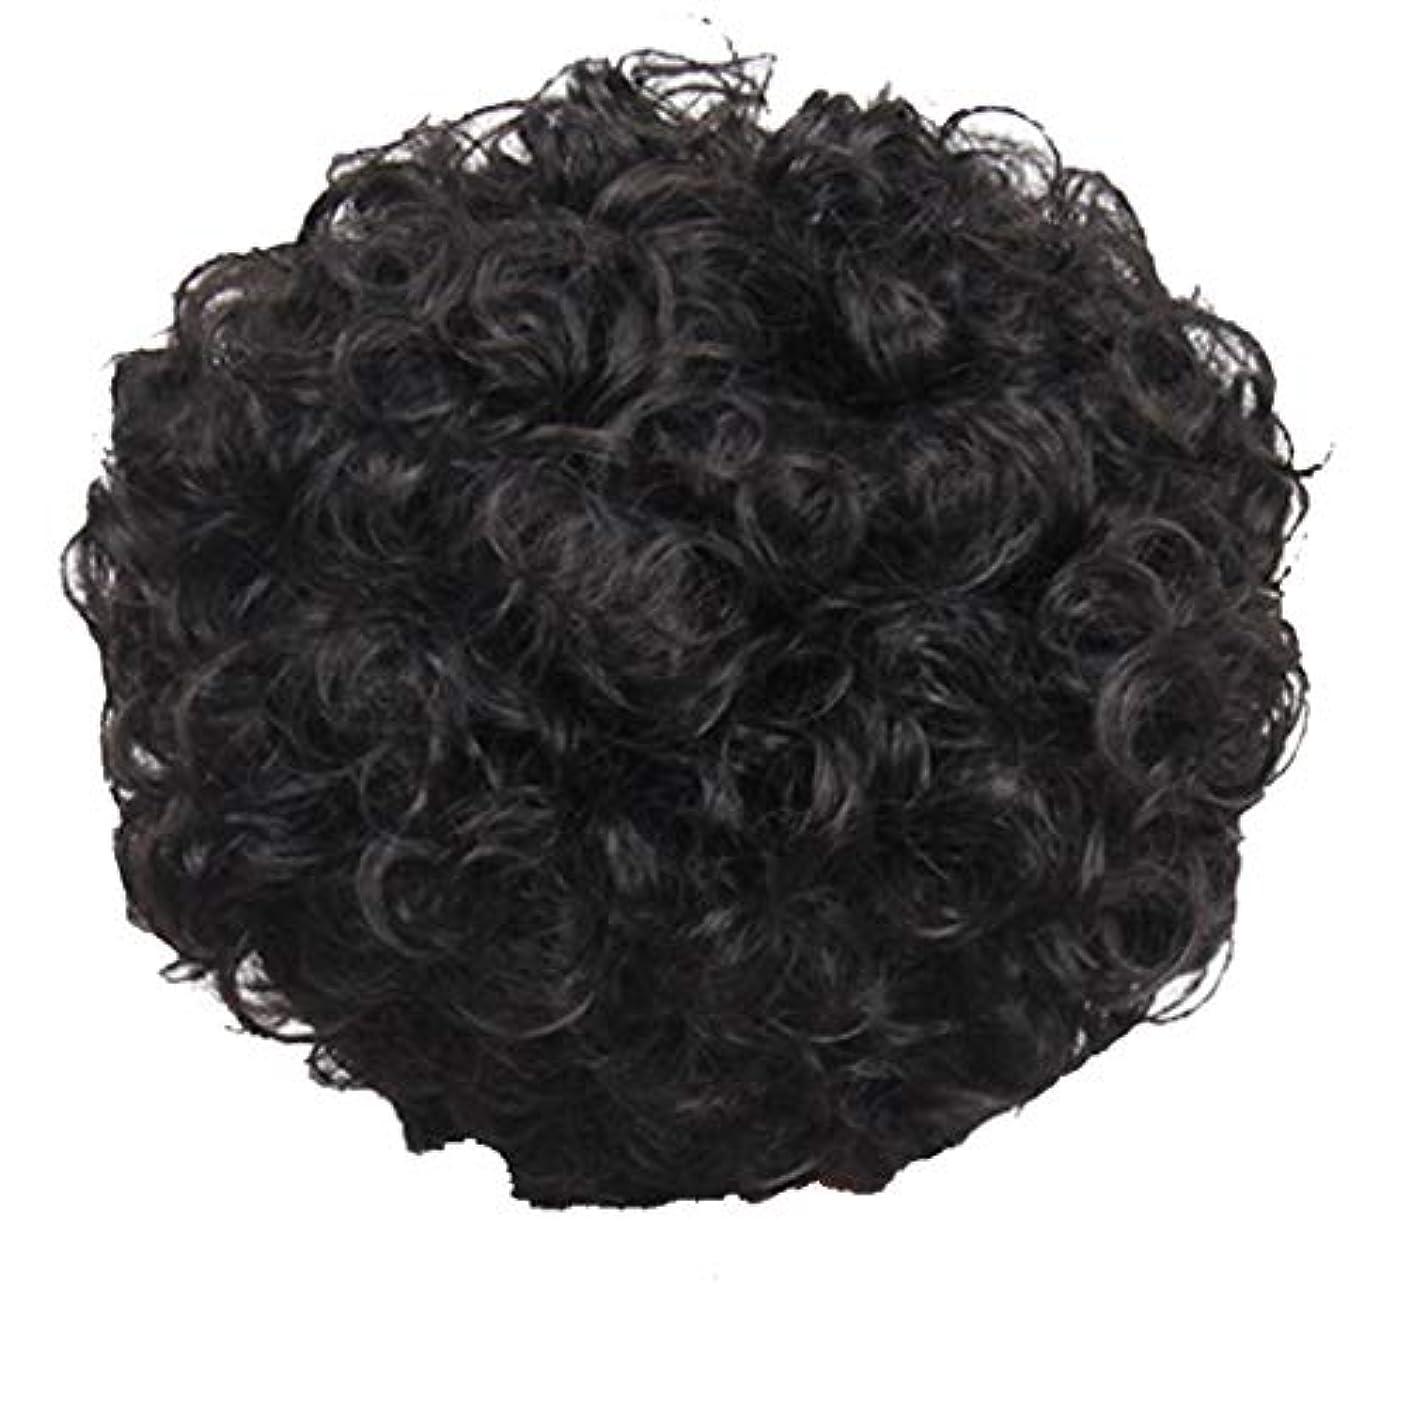 干渉動物褒賞かつら、女性、短い髪、巻き毛、かつら、エルフカット、かつらキャップ、27cm